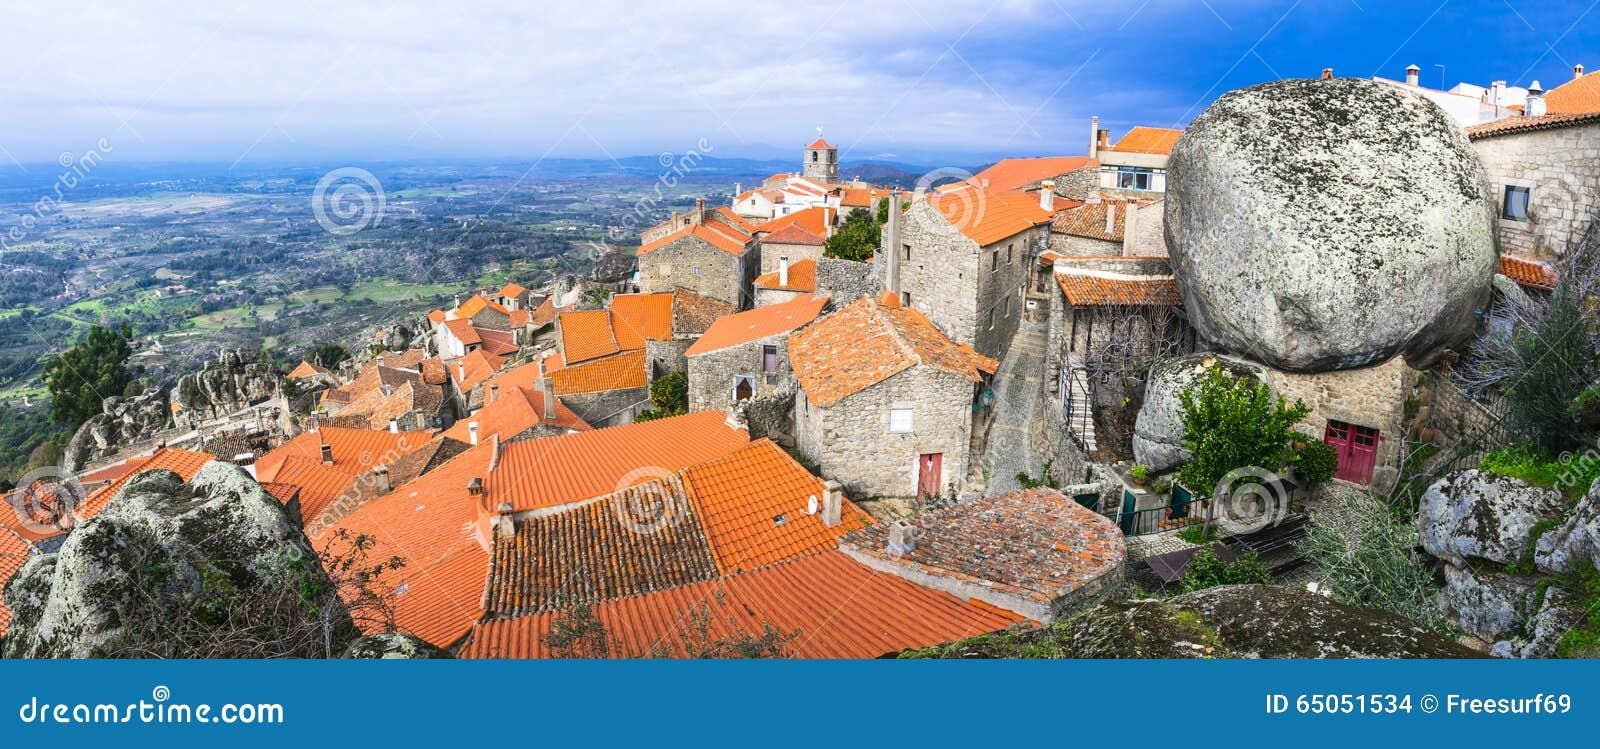 Najwięcej pięknych wiosek - Monsanto, Portugalia